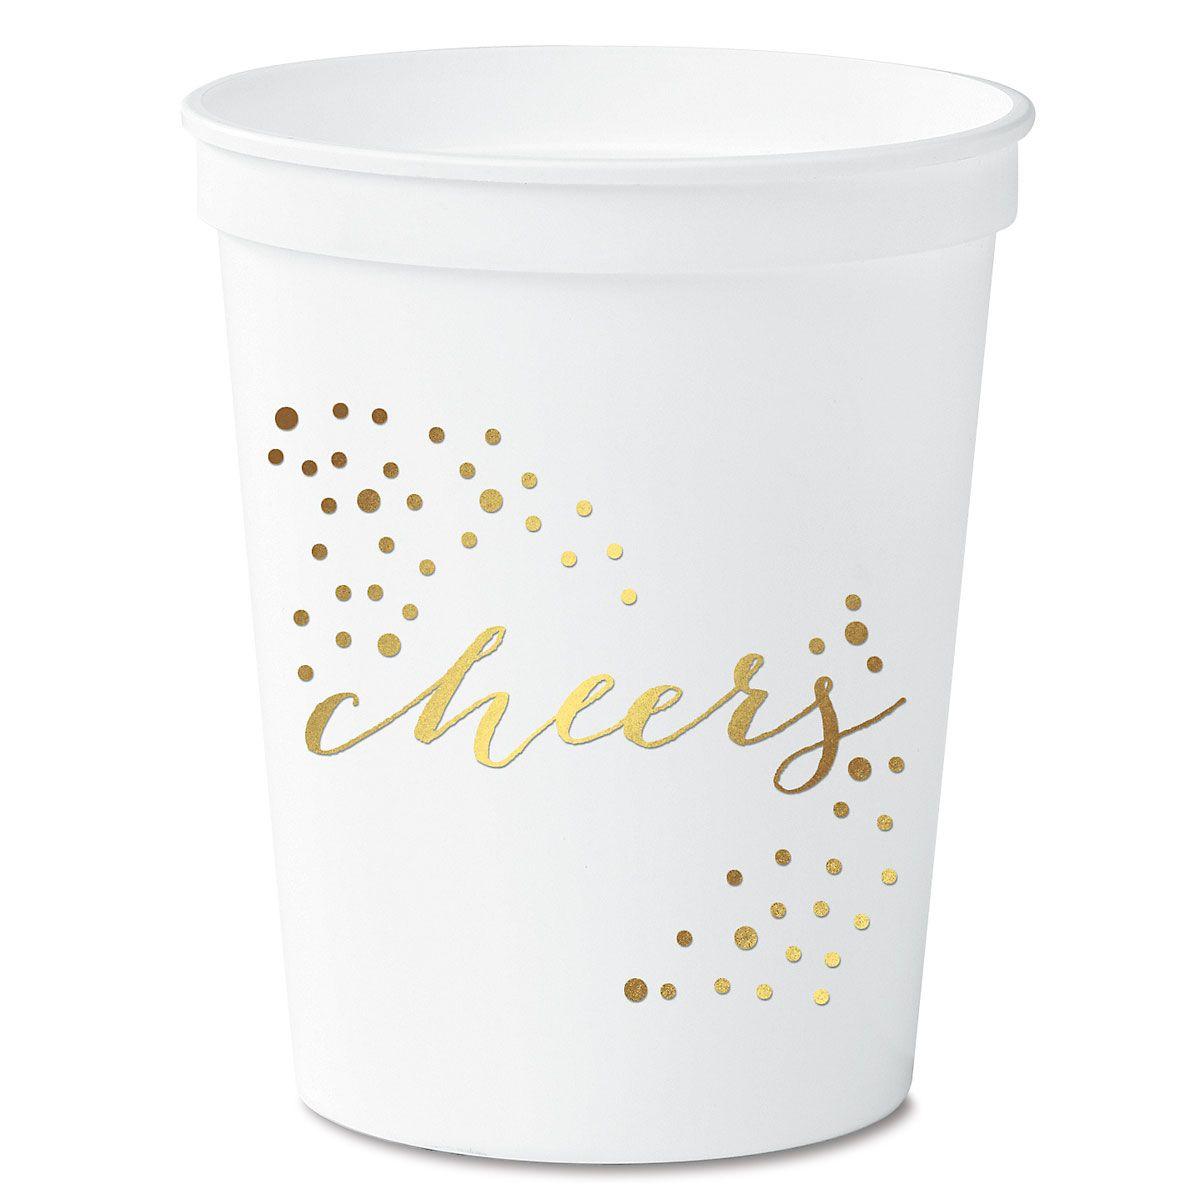 Cheers Stadium Cups